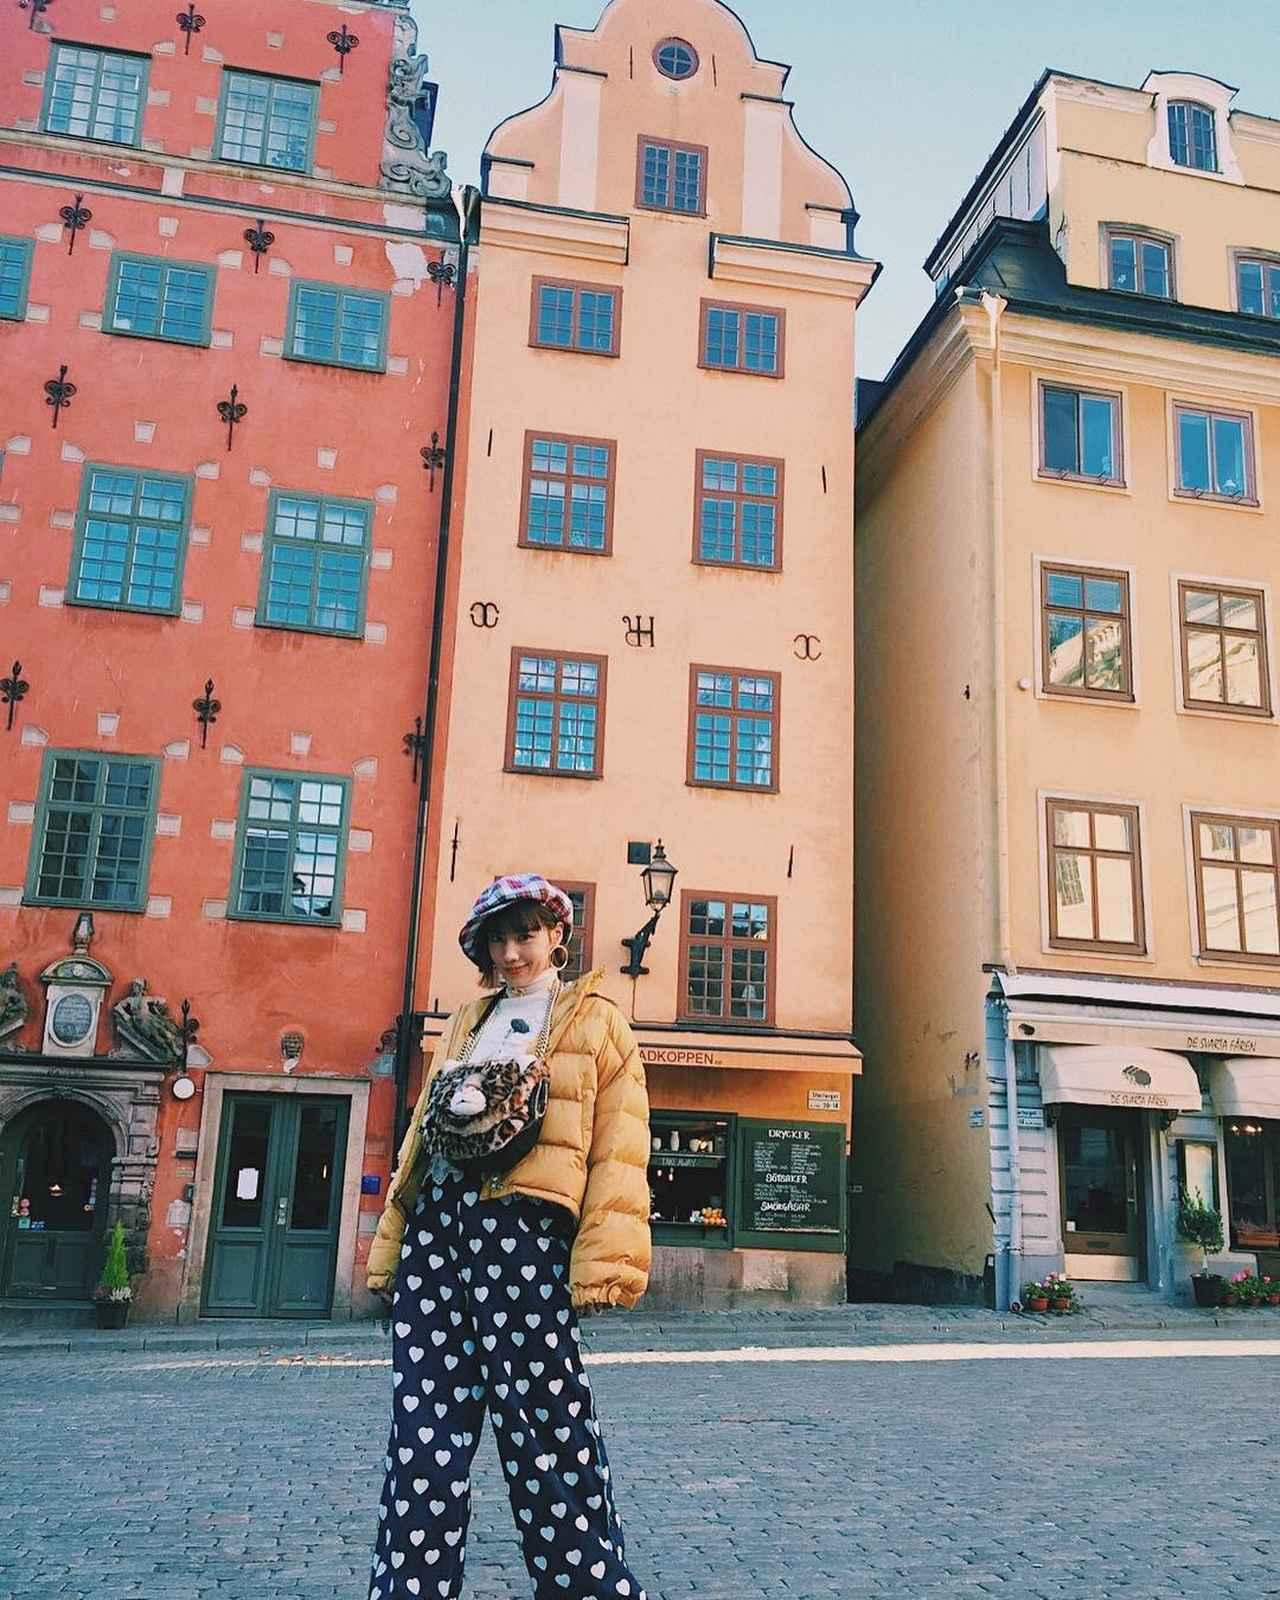 画像1: Riisa Naka  仲里依紗さんはInstagramを利用しています:「2018年も 楽しいお仕事 たくさんできますように」 www.instagram.com